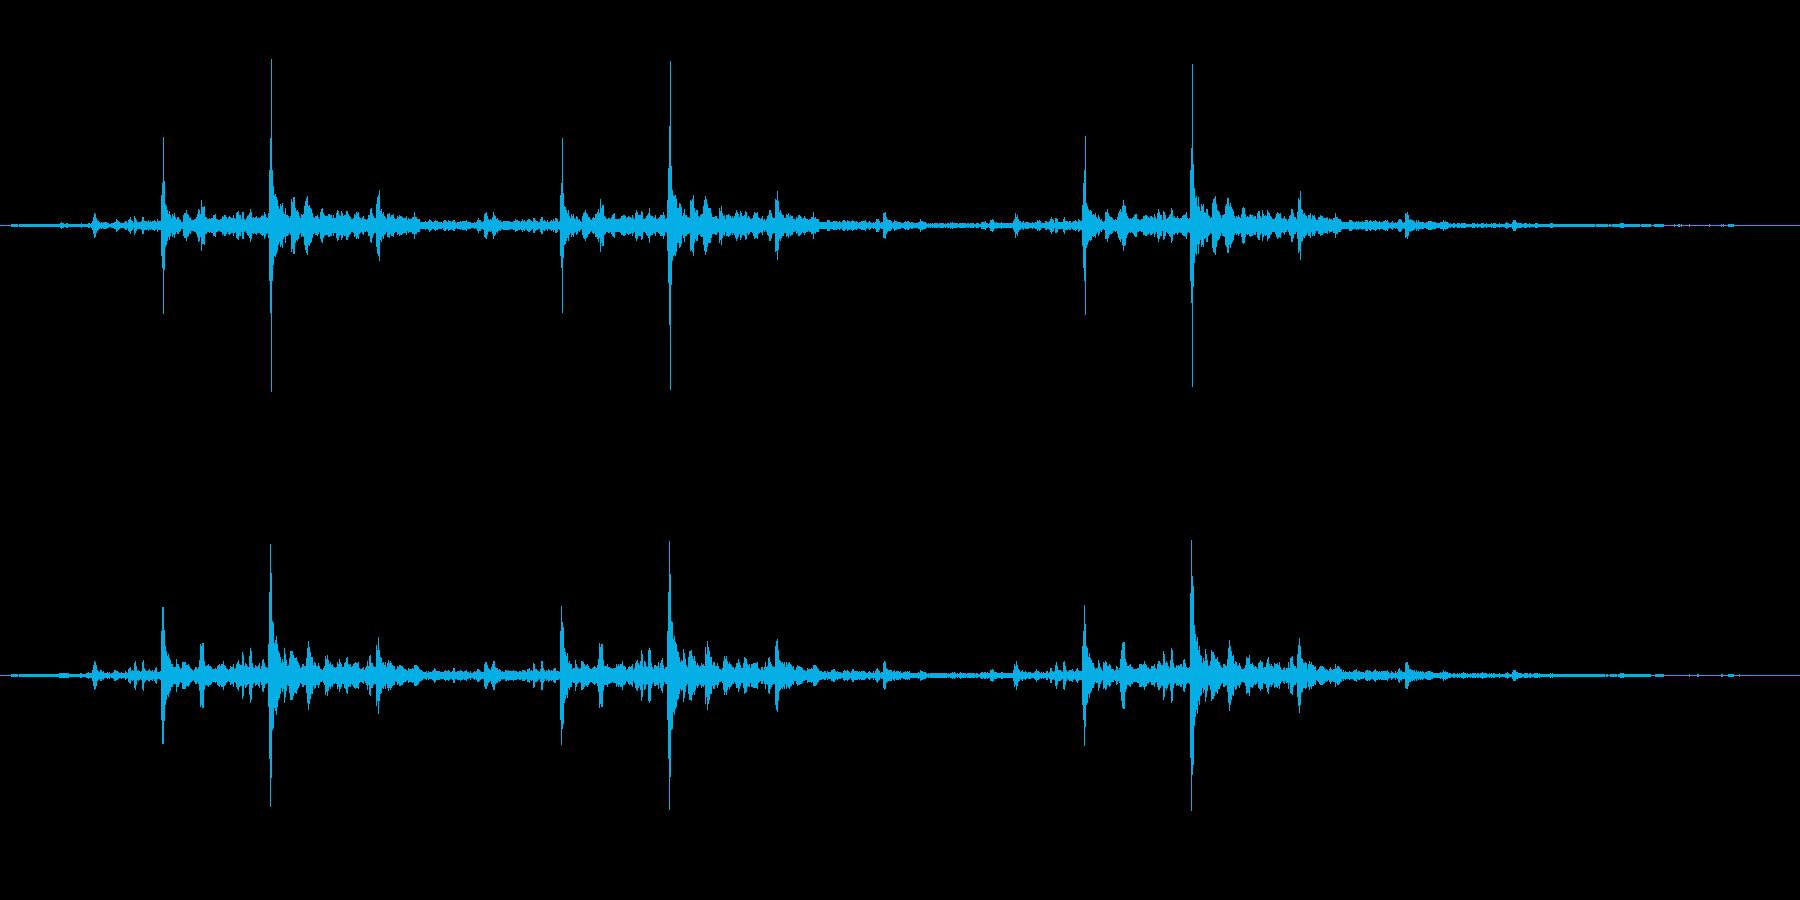 チリチリした高音が続くノイズです。の再生済みの波形